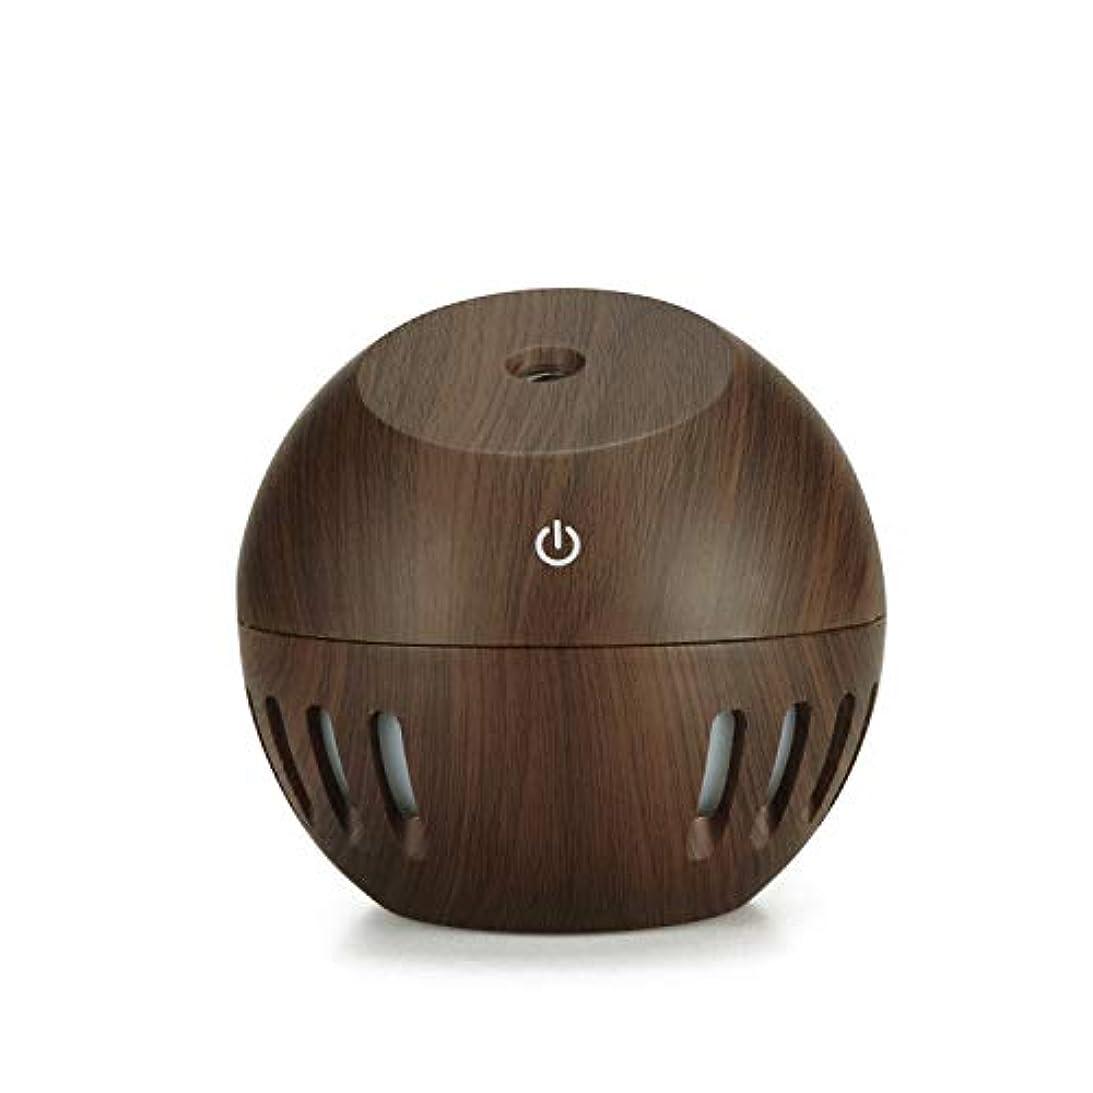 シーズンオーケストラ妻130ml Essential Oils Diffuser Electric Cool Mist Aroma Diffuser For Home, Yoga, Bedroom